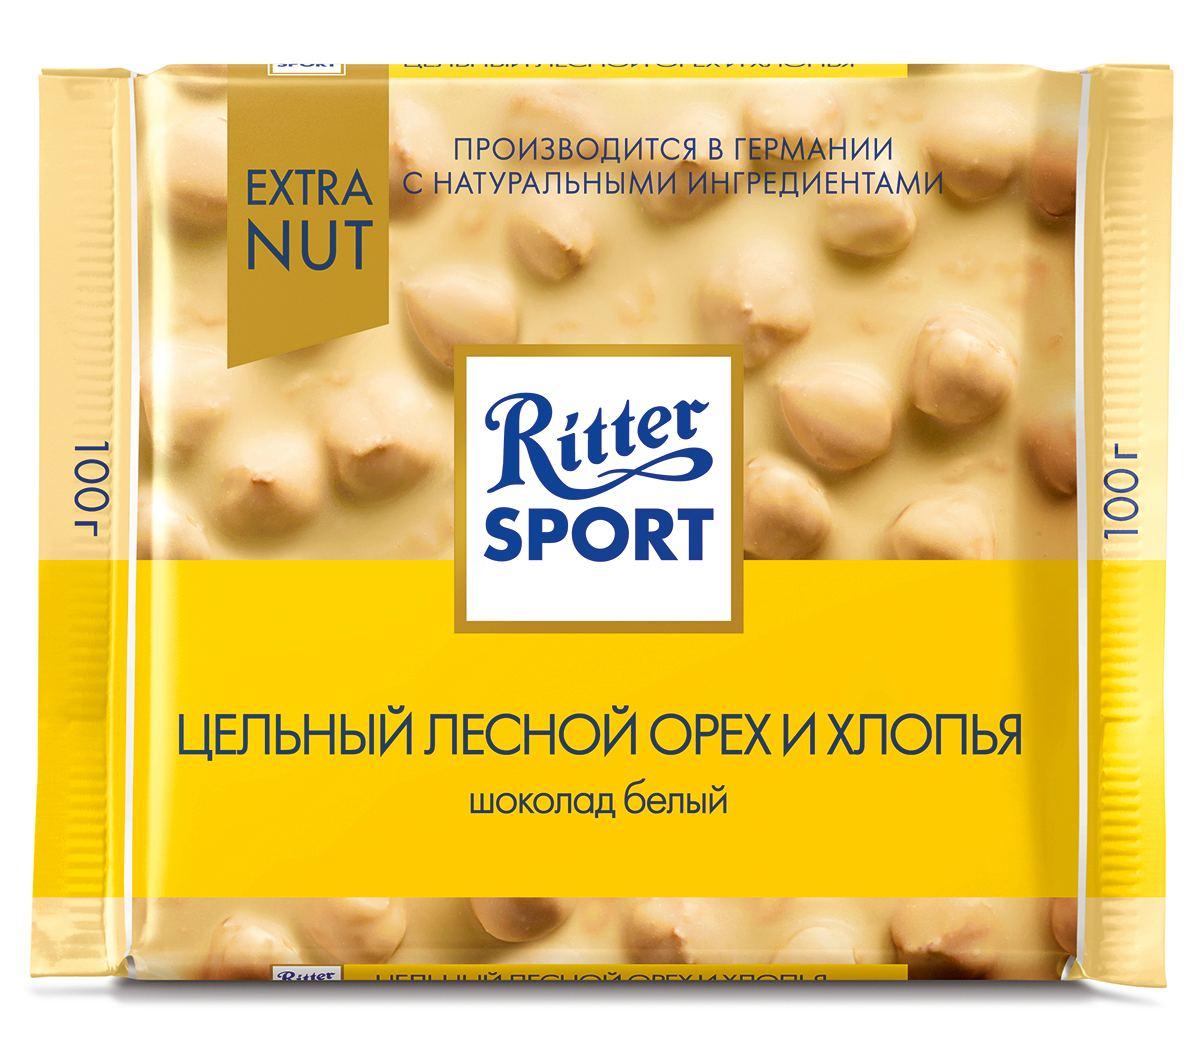 Шоколад белый с лесным орехом и рисовыми хлопьями Extra Ritter Sport